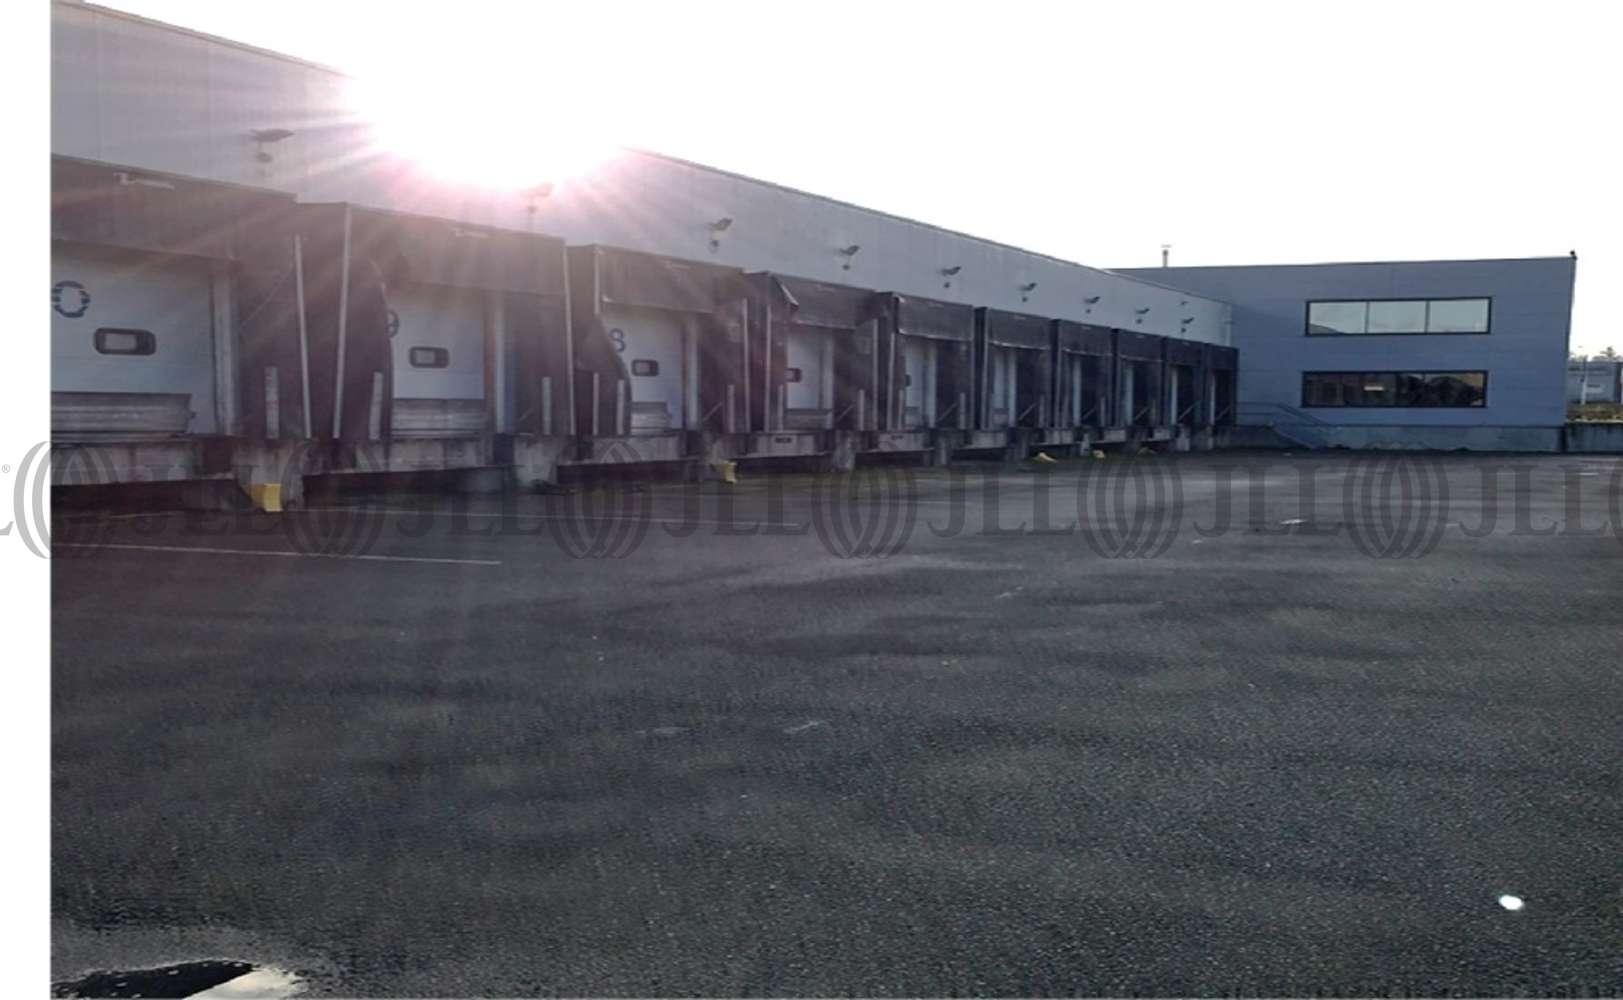 Plateformes logistiques Mantes la jolie, 78200 - 1-5 RUE COSTES ET BELLONTES